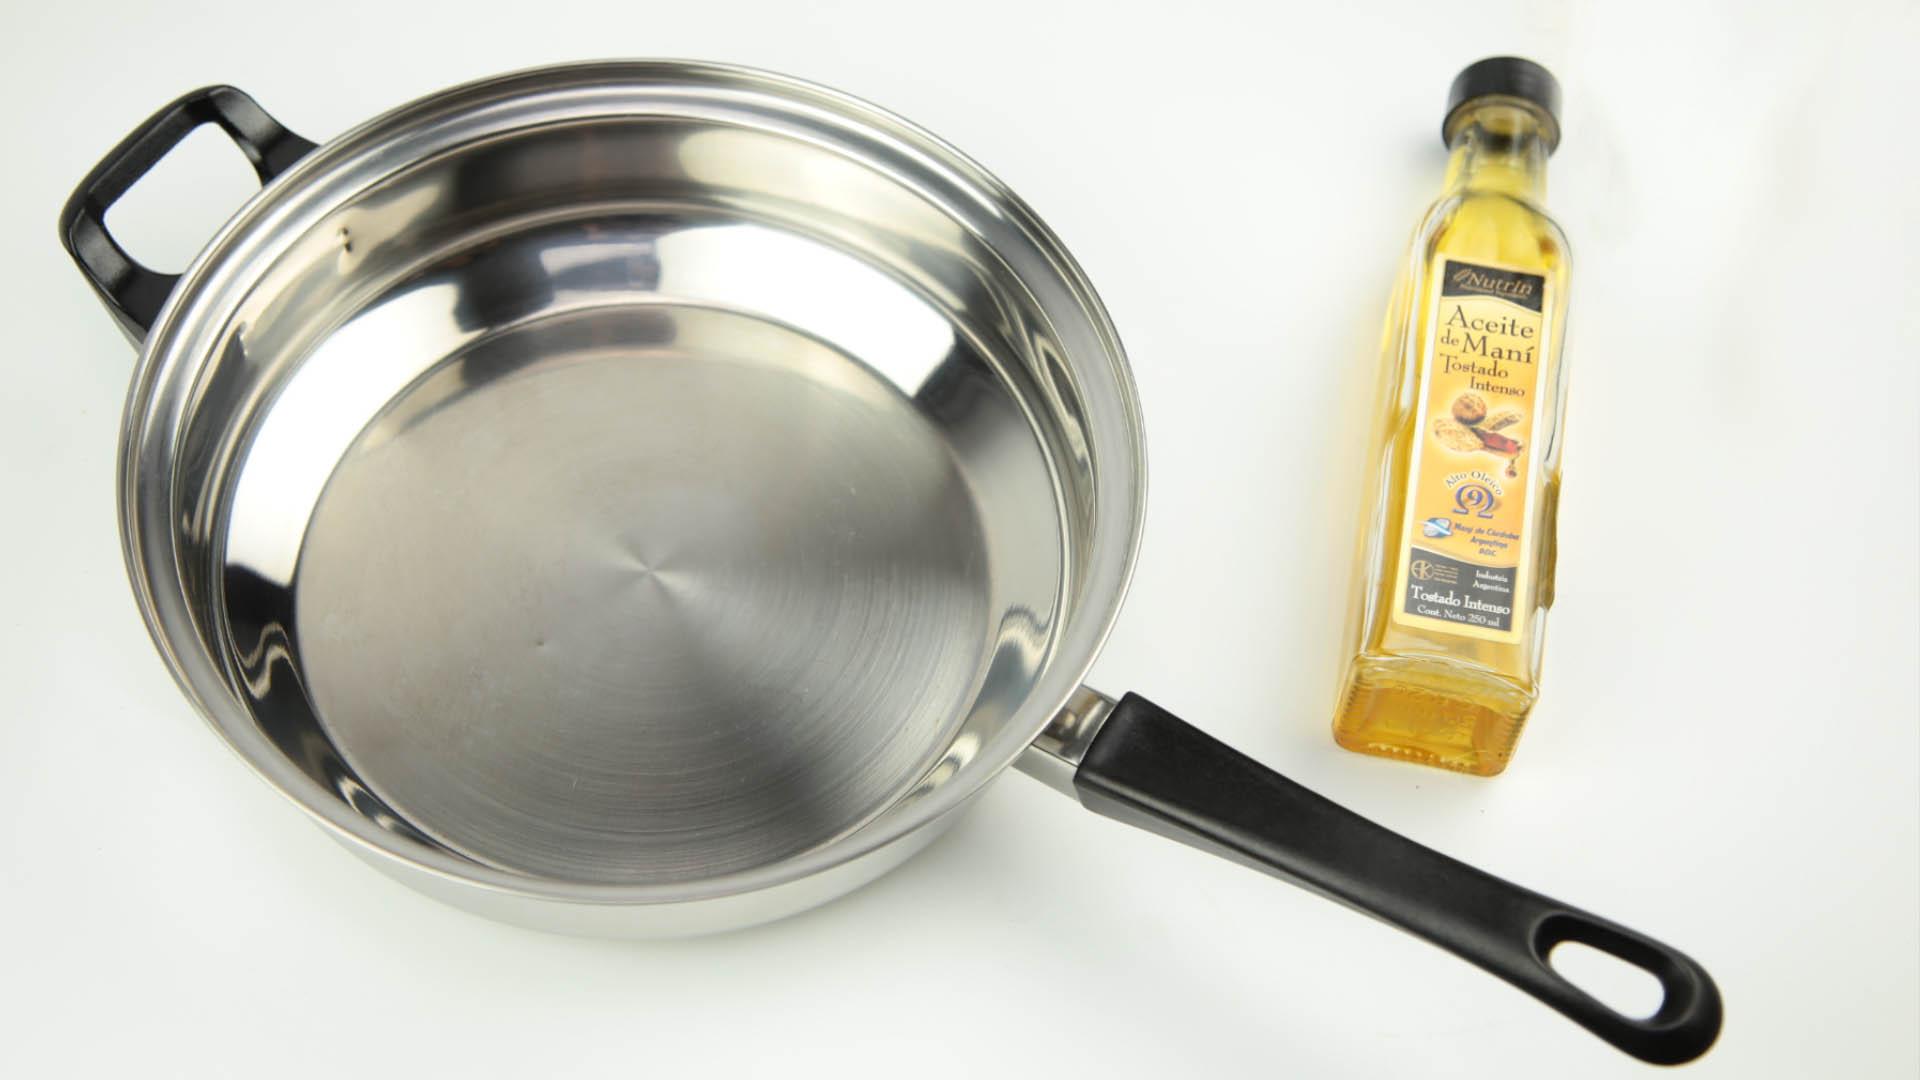 Прилипает сковородка что делать - как избежать пригорания